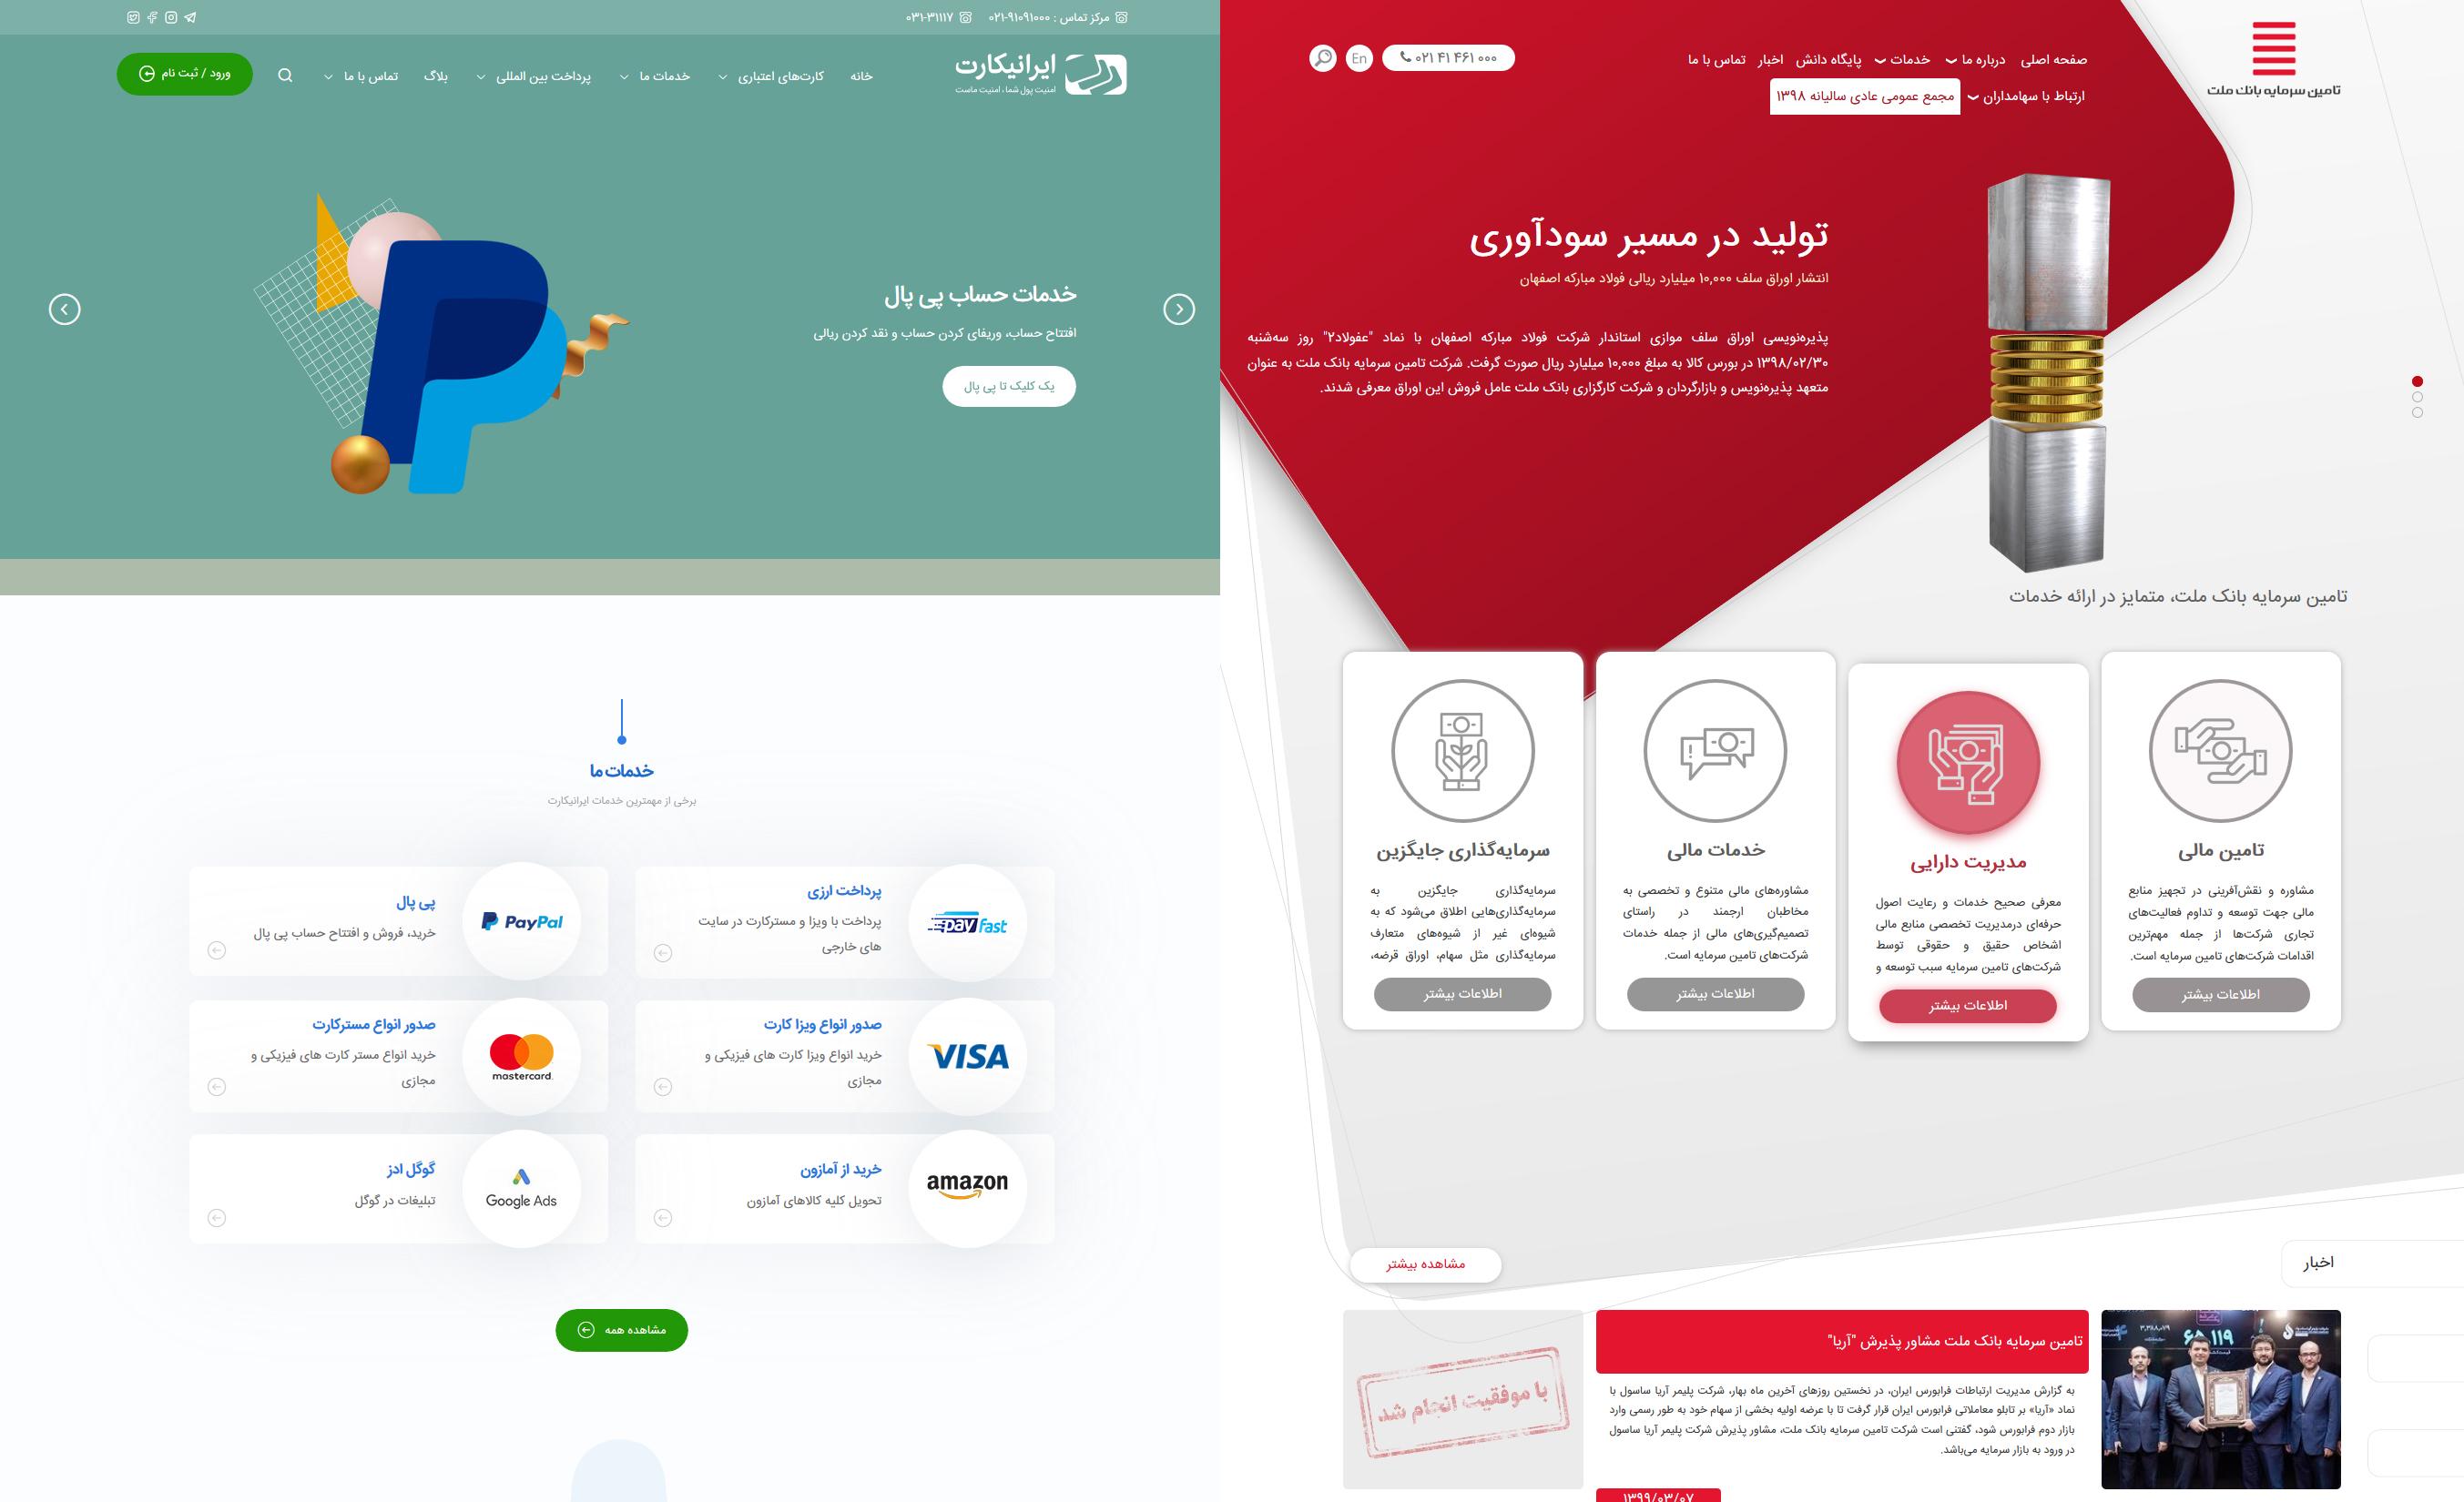 نمونه های بهتر طراحی وب ایران که حداقل اصولی اولیه گرافیک، خلاقیت و پیوند حداقلی با محتوا را رعایت کردند